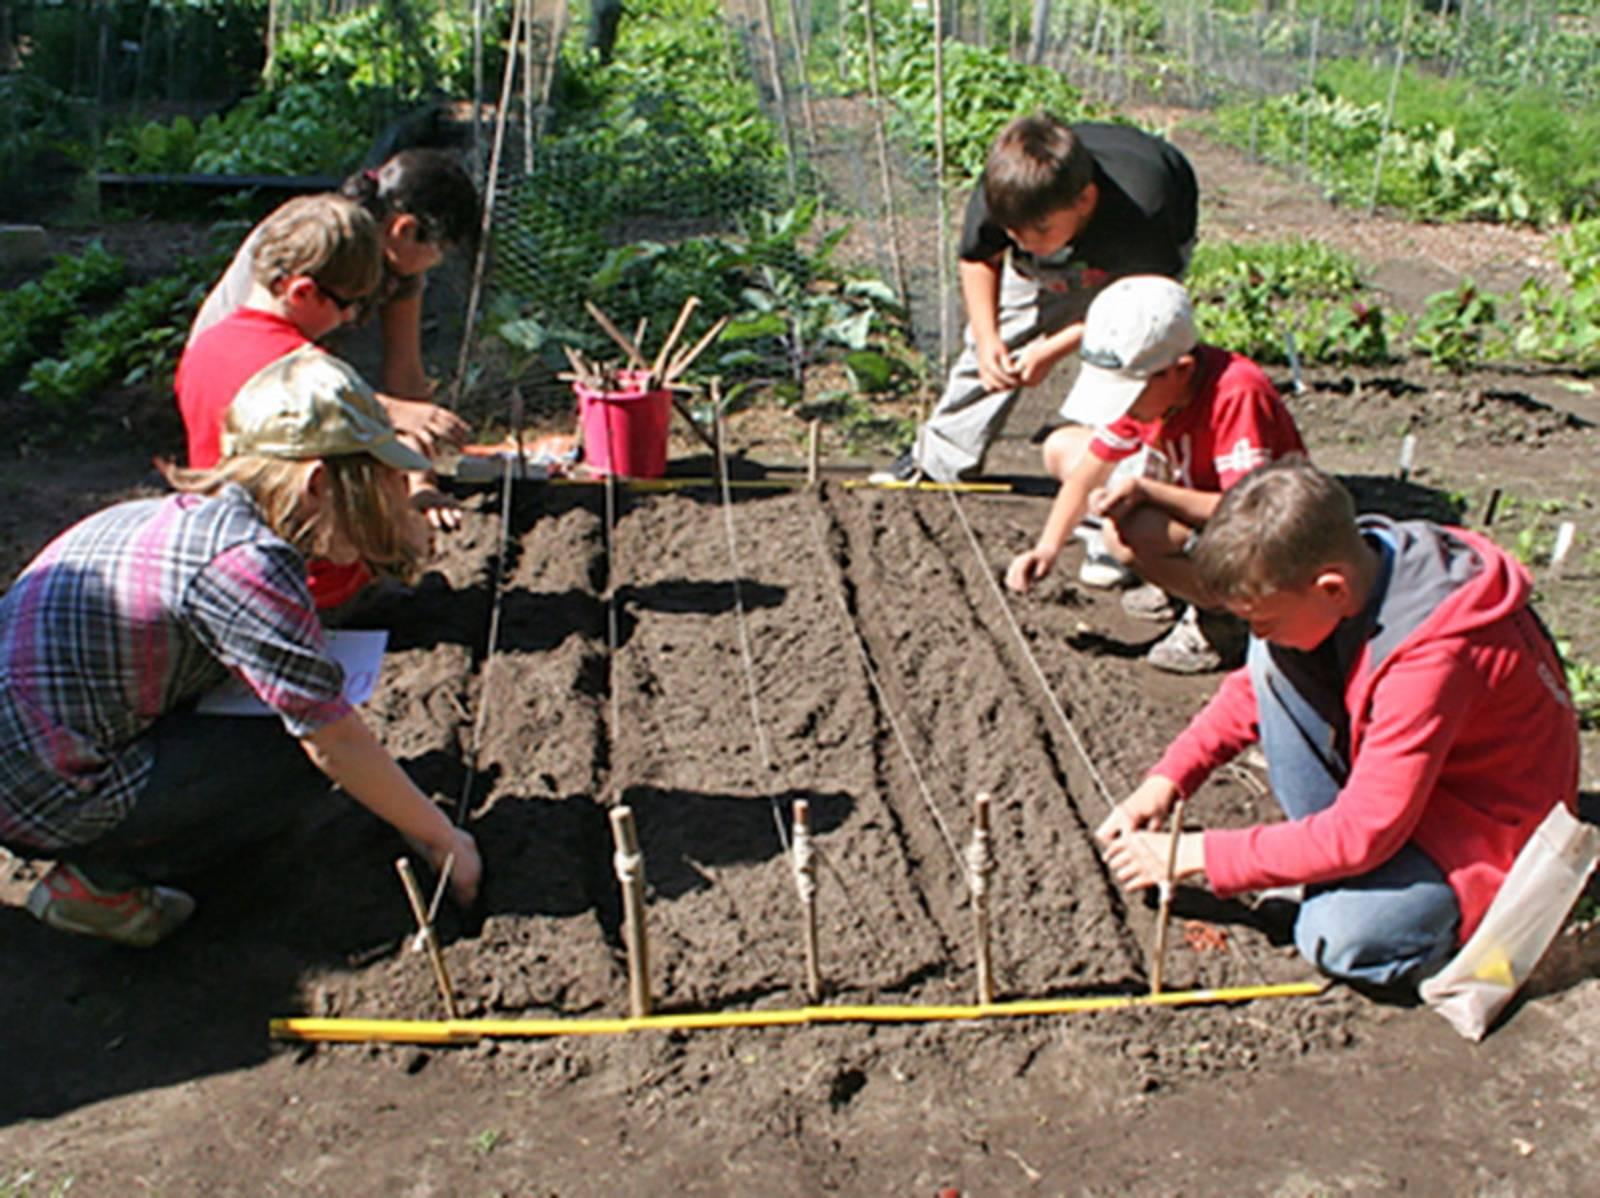 Kinder knieen an einem Gemüsebeet, an dem verschiedene Saatreihen durch Stöcke und Schnüre gekennzeichnet sind, und säen Gemüsesamen ein.